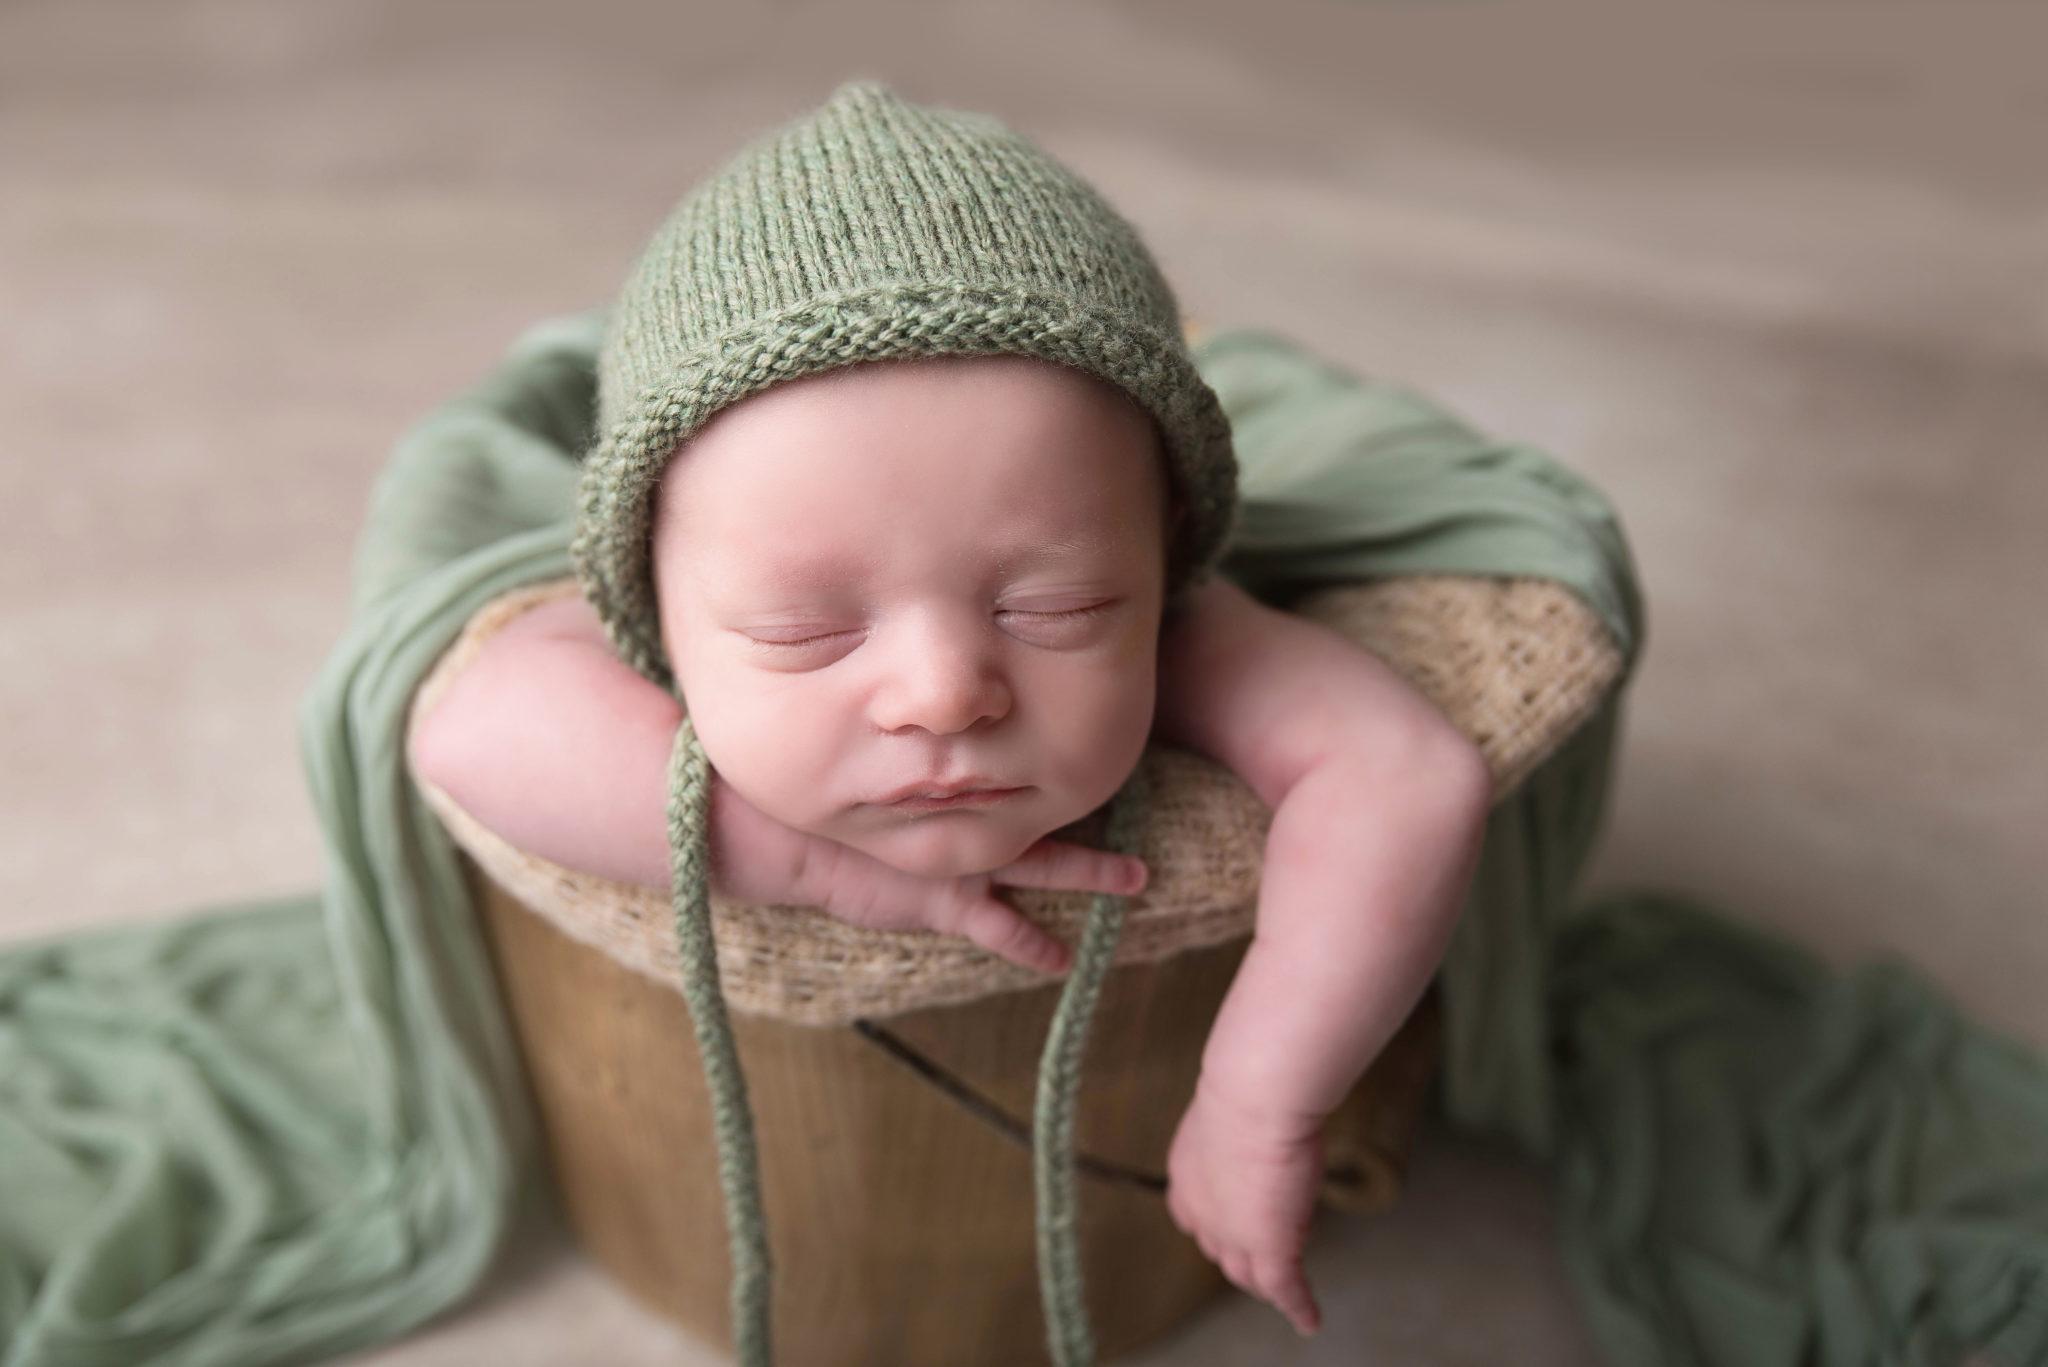 Photographe oise seine et marne aisne grossesse bébé nouveau né famille (11)